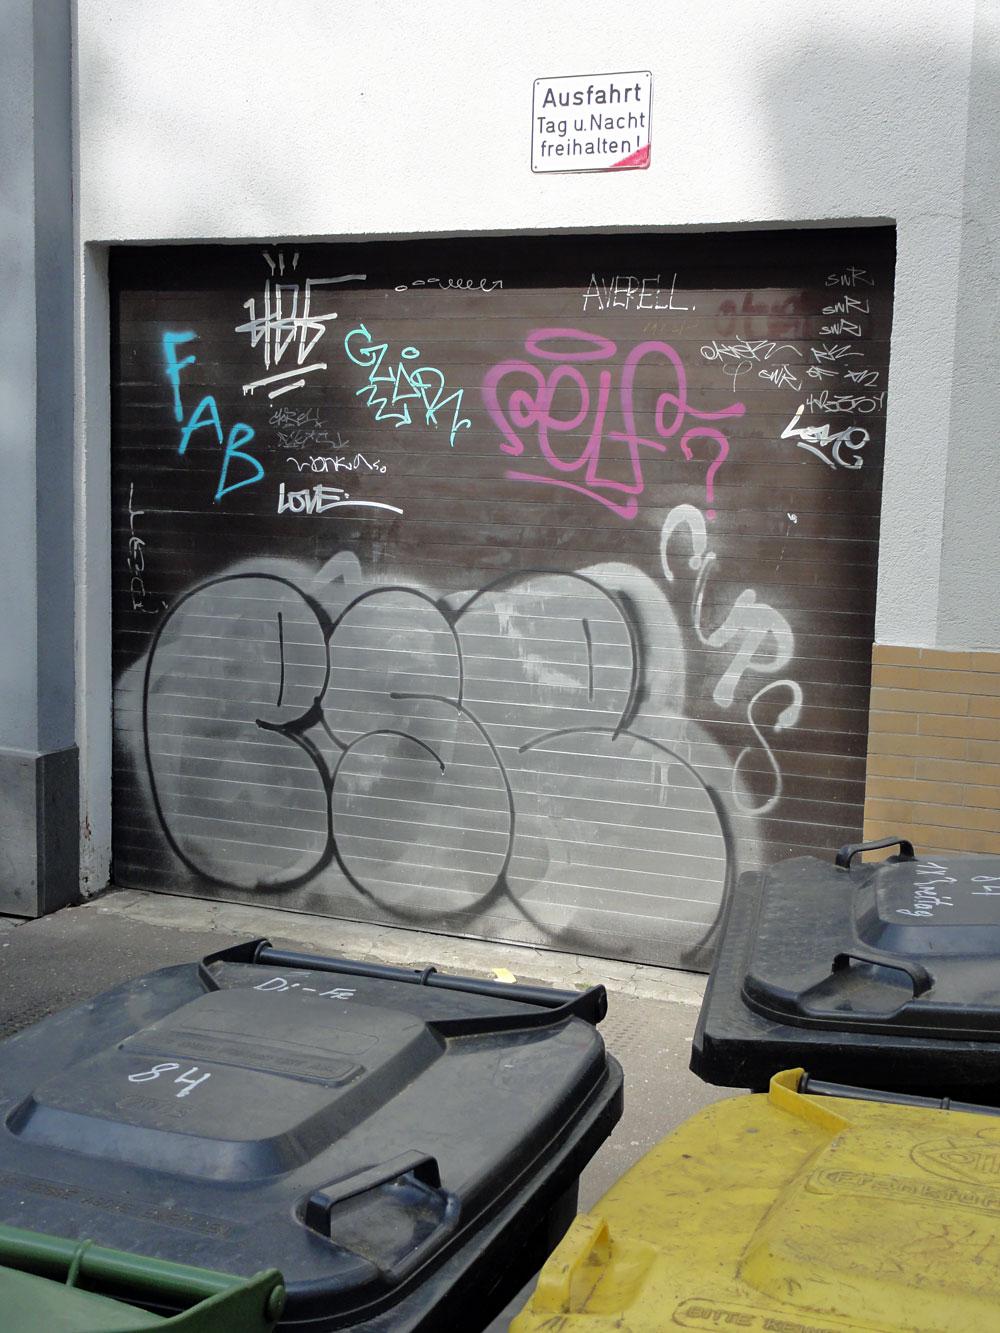 shutter-art-graffiti